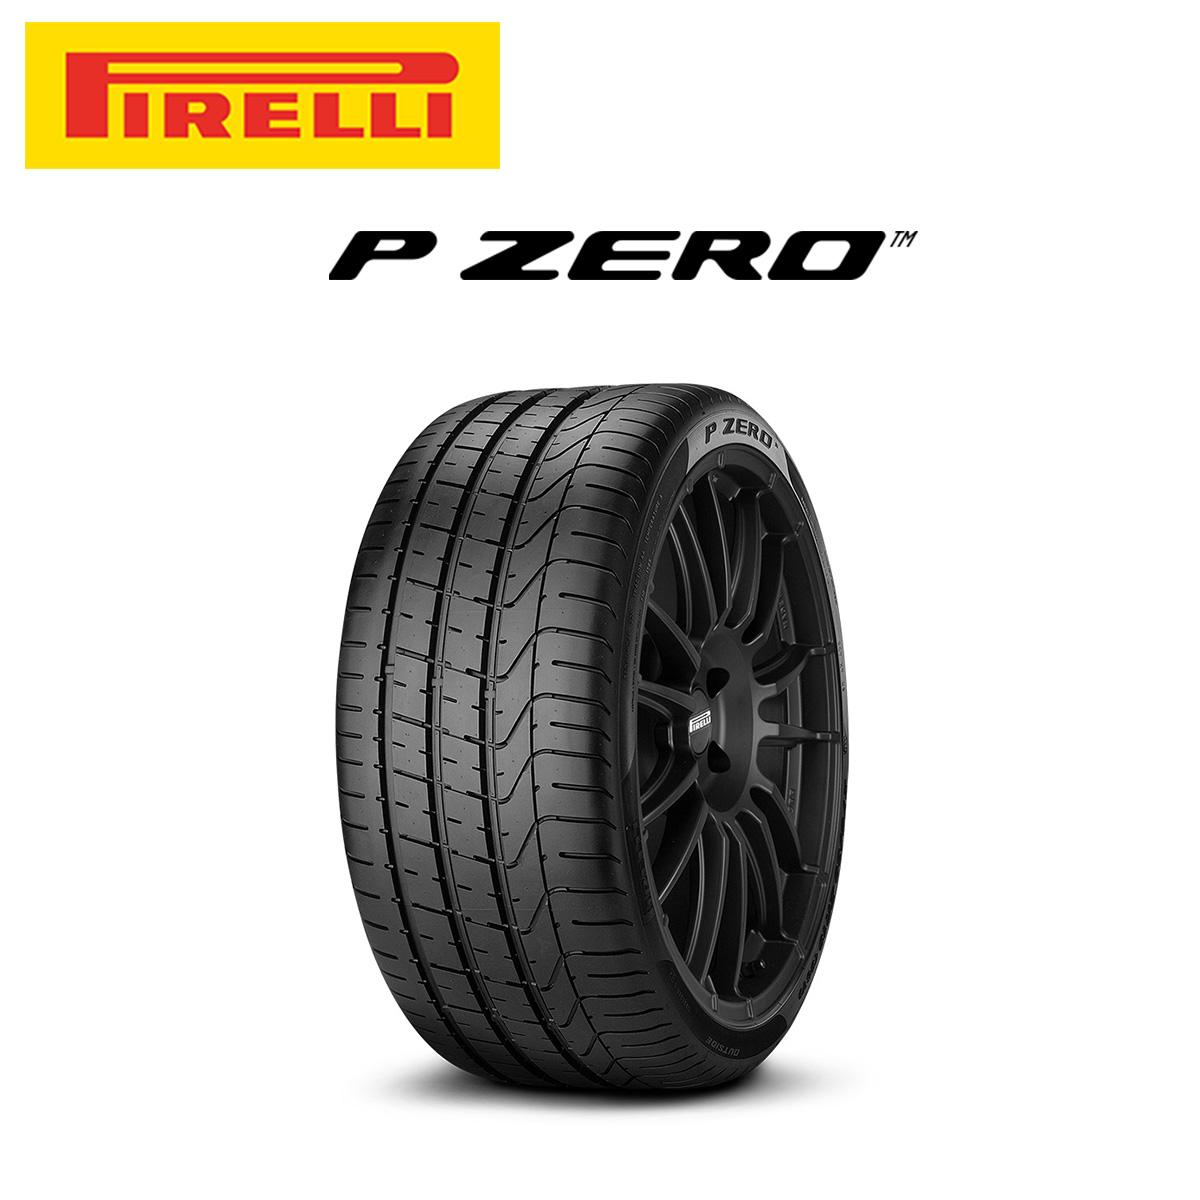 ピレリ PIRELLI P ZERO ピーゼロ 19インチ サマー タイヤ 1本 255/45ZR19 100Y N1:ポルシェ承認タイヤ 2315500